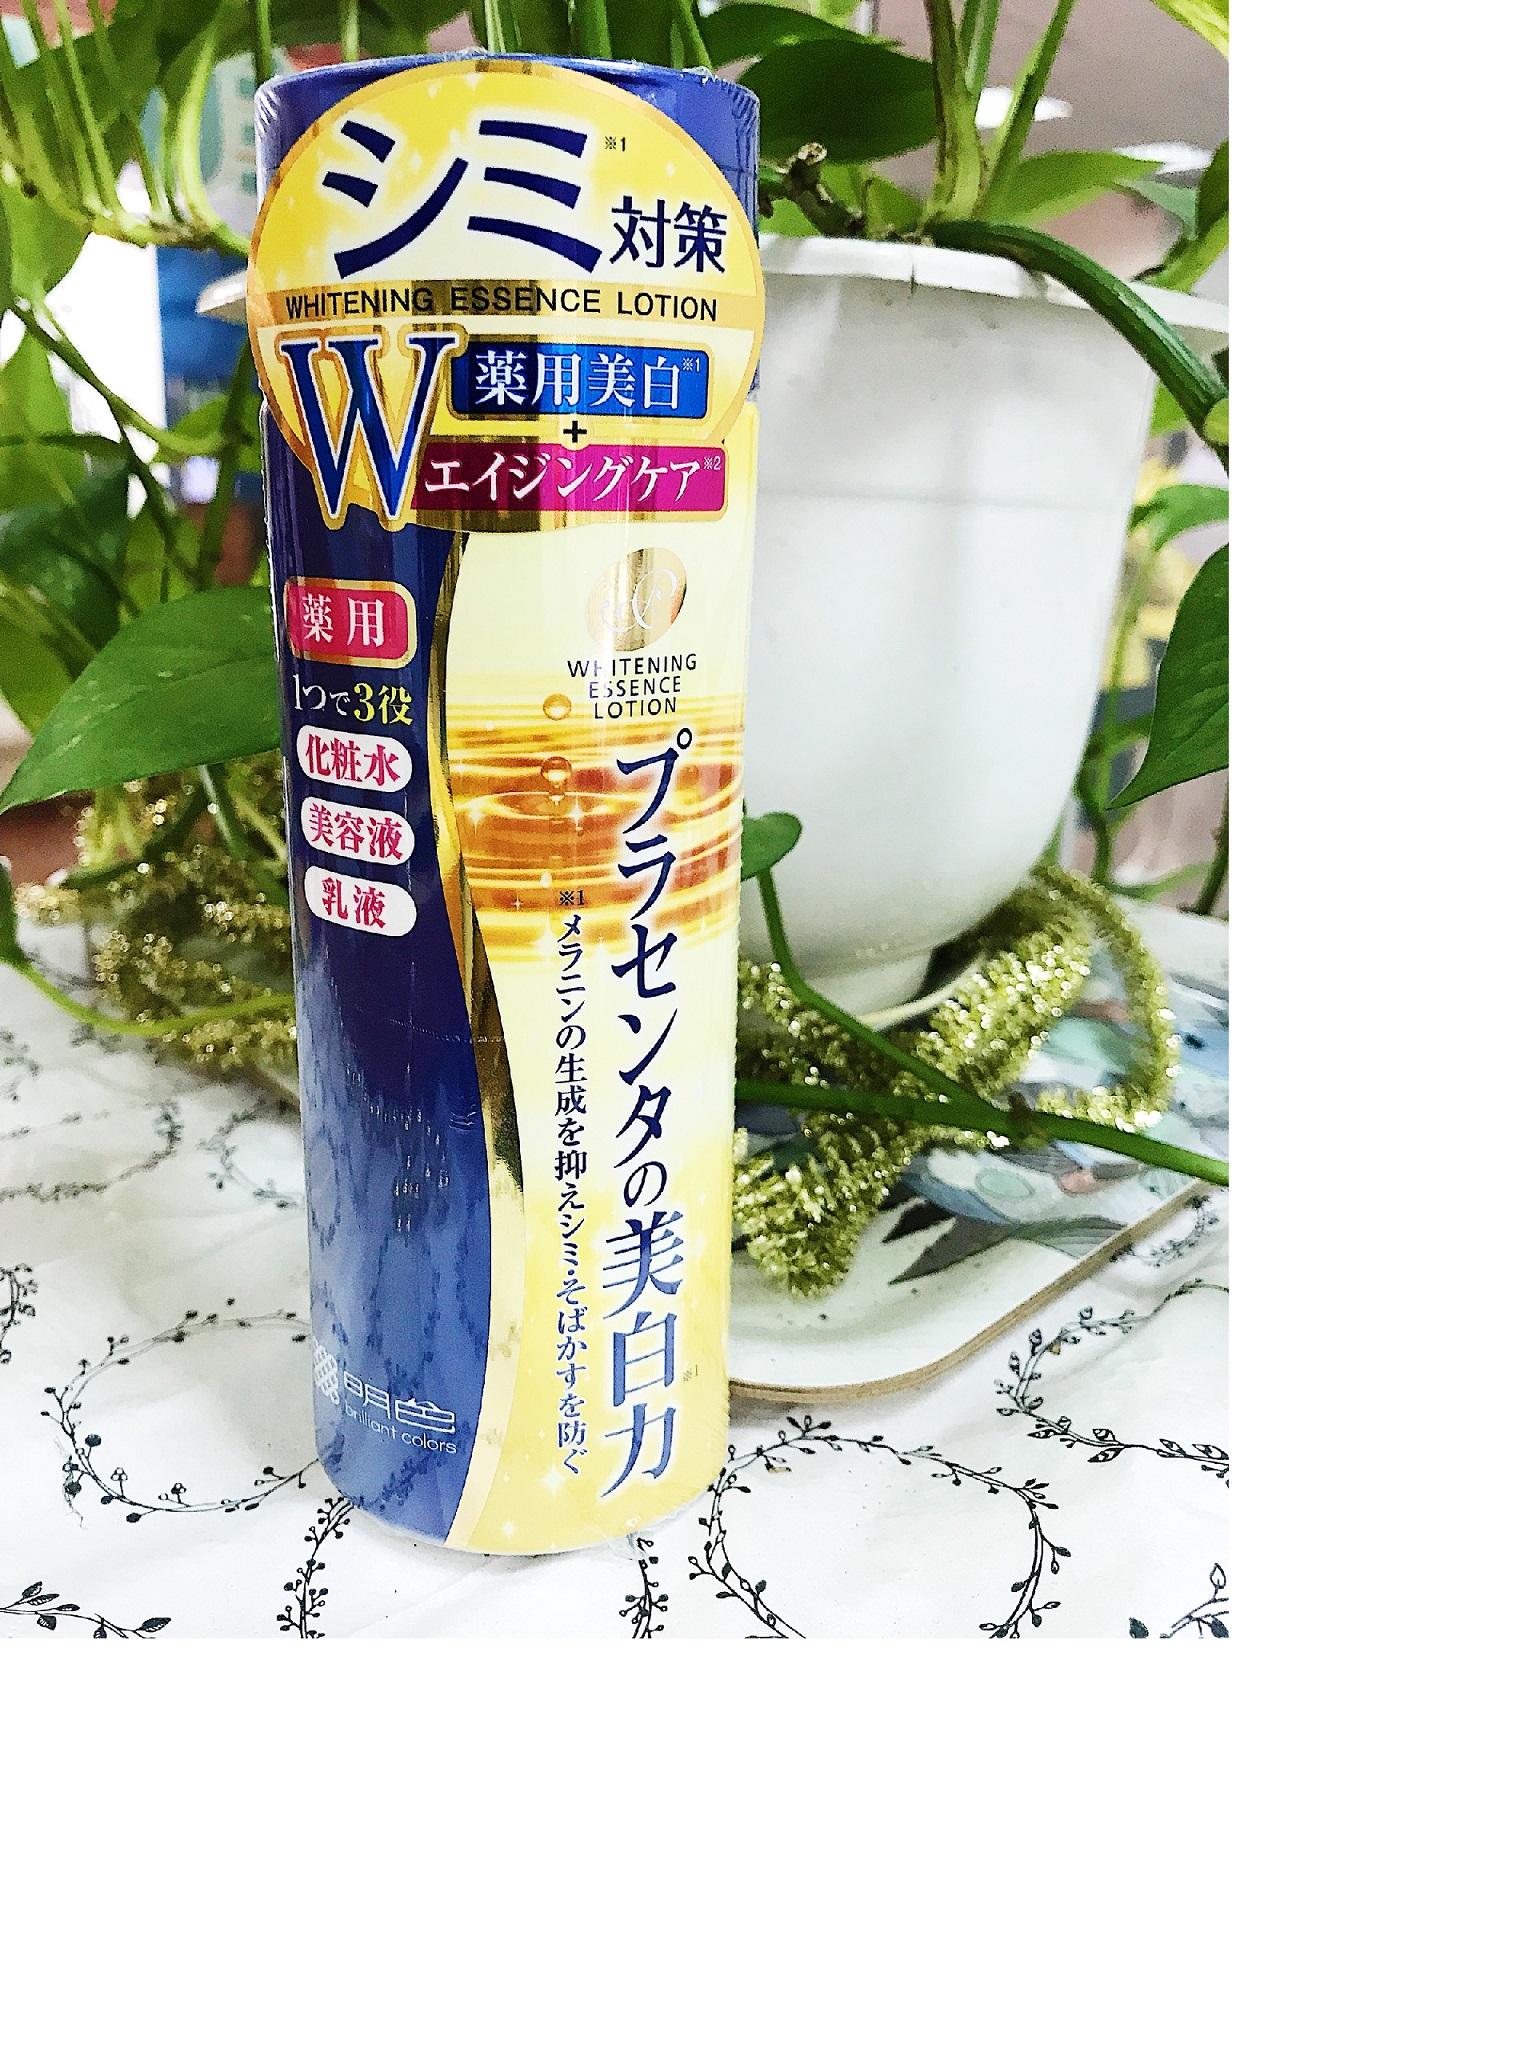 Nước hoa hồng dưỡng trắng Meishoku placewhiter essence lotion 190ml